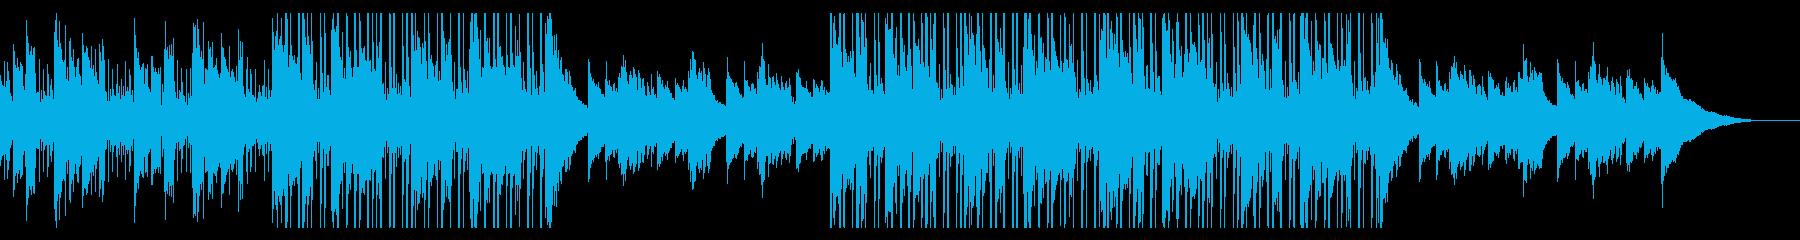 カフェの明るいジャズピアノ【キー+2】の再生済みの波形